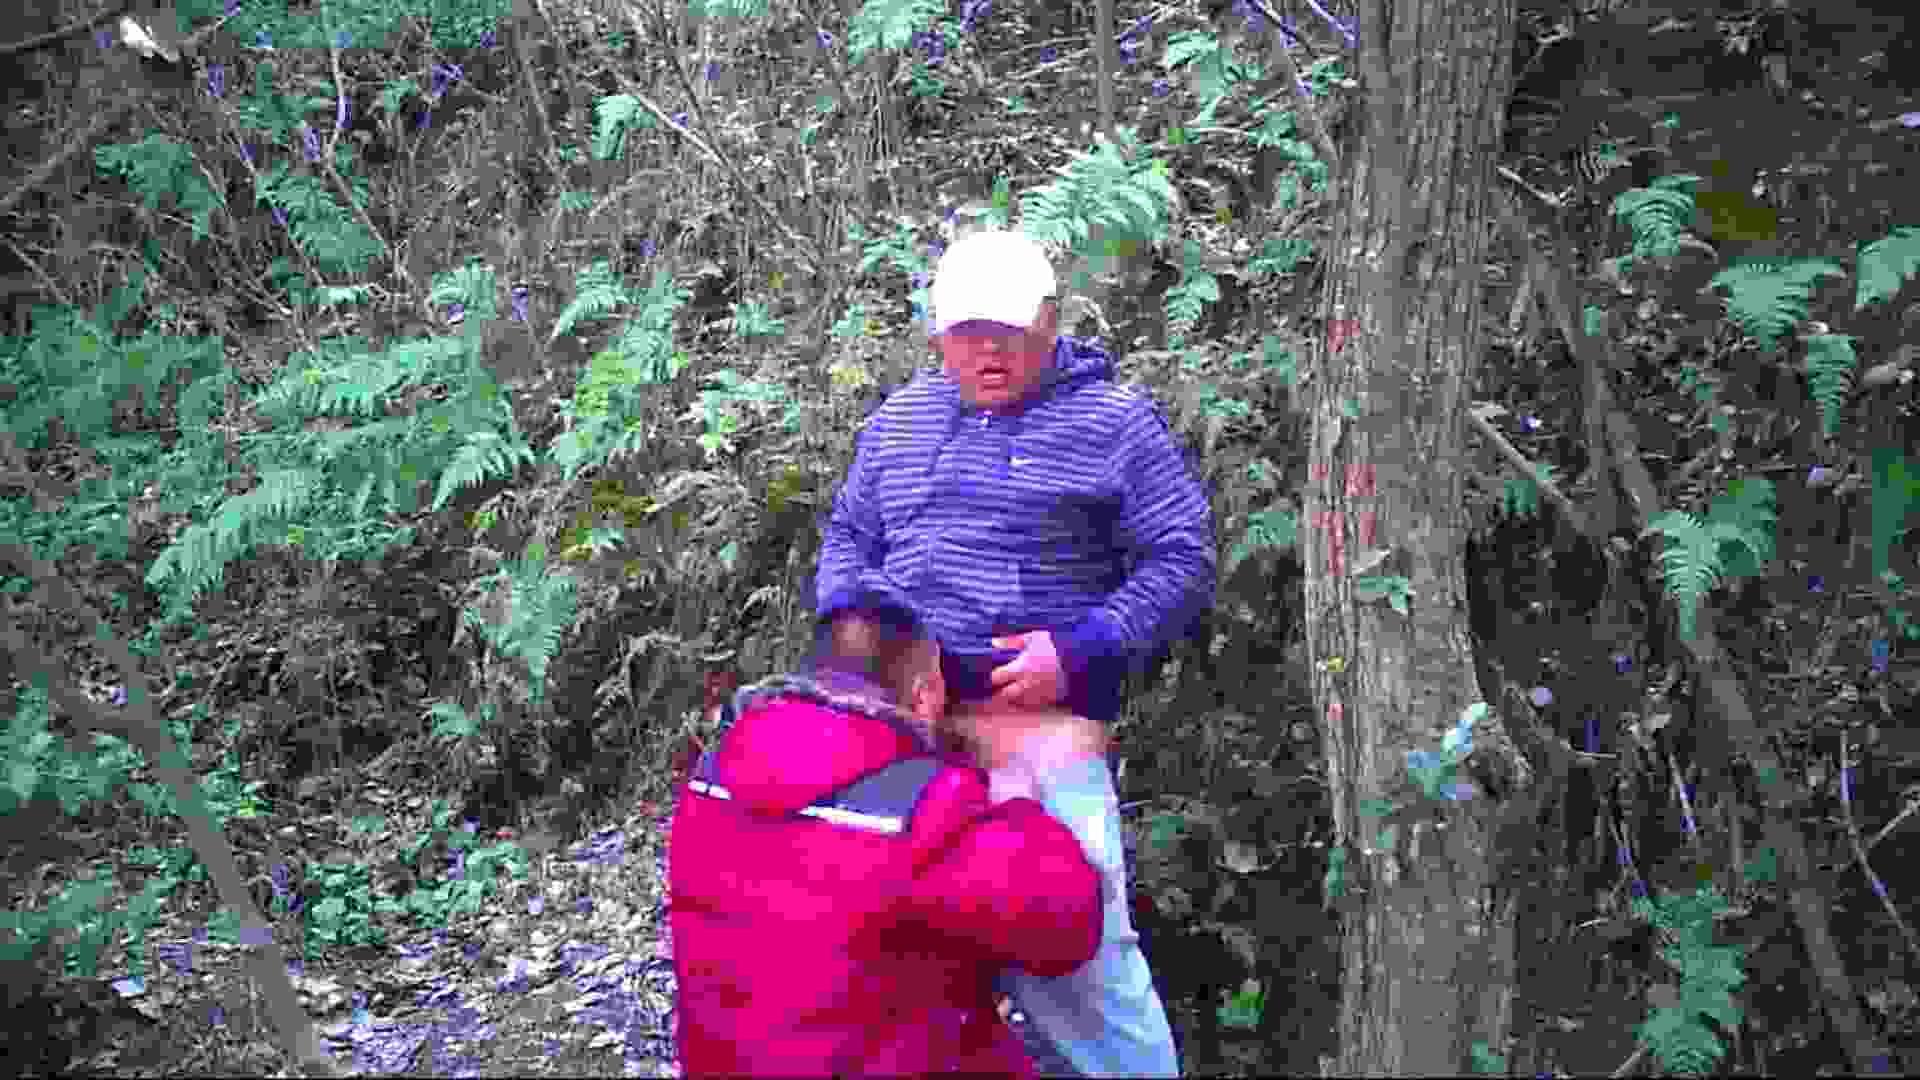 熊おじさんの秘め事 フェラDE絶頂   野外・露出  110pic 80